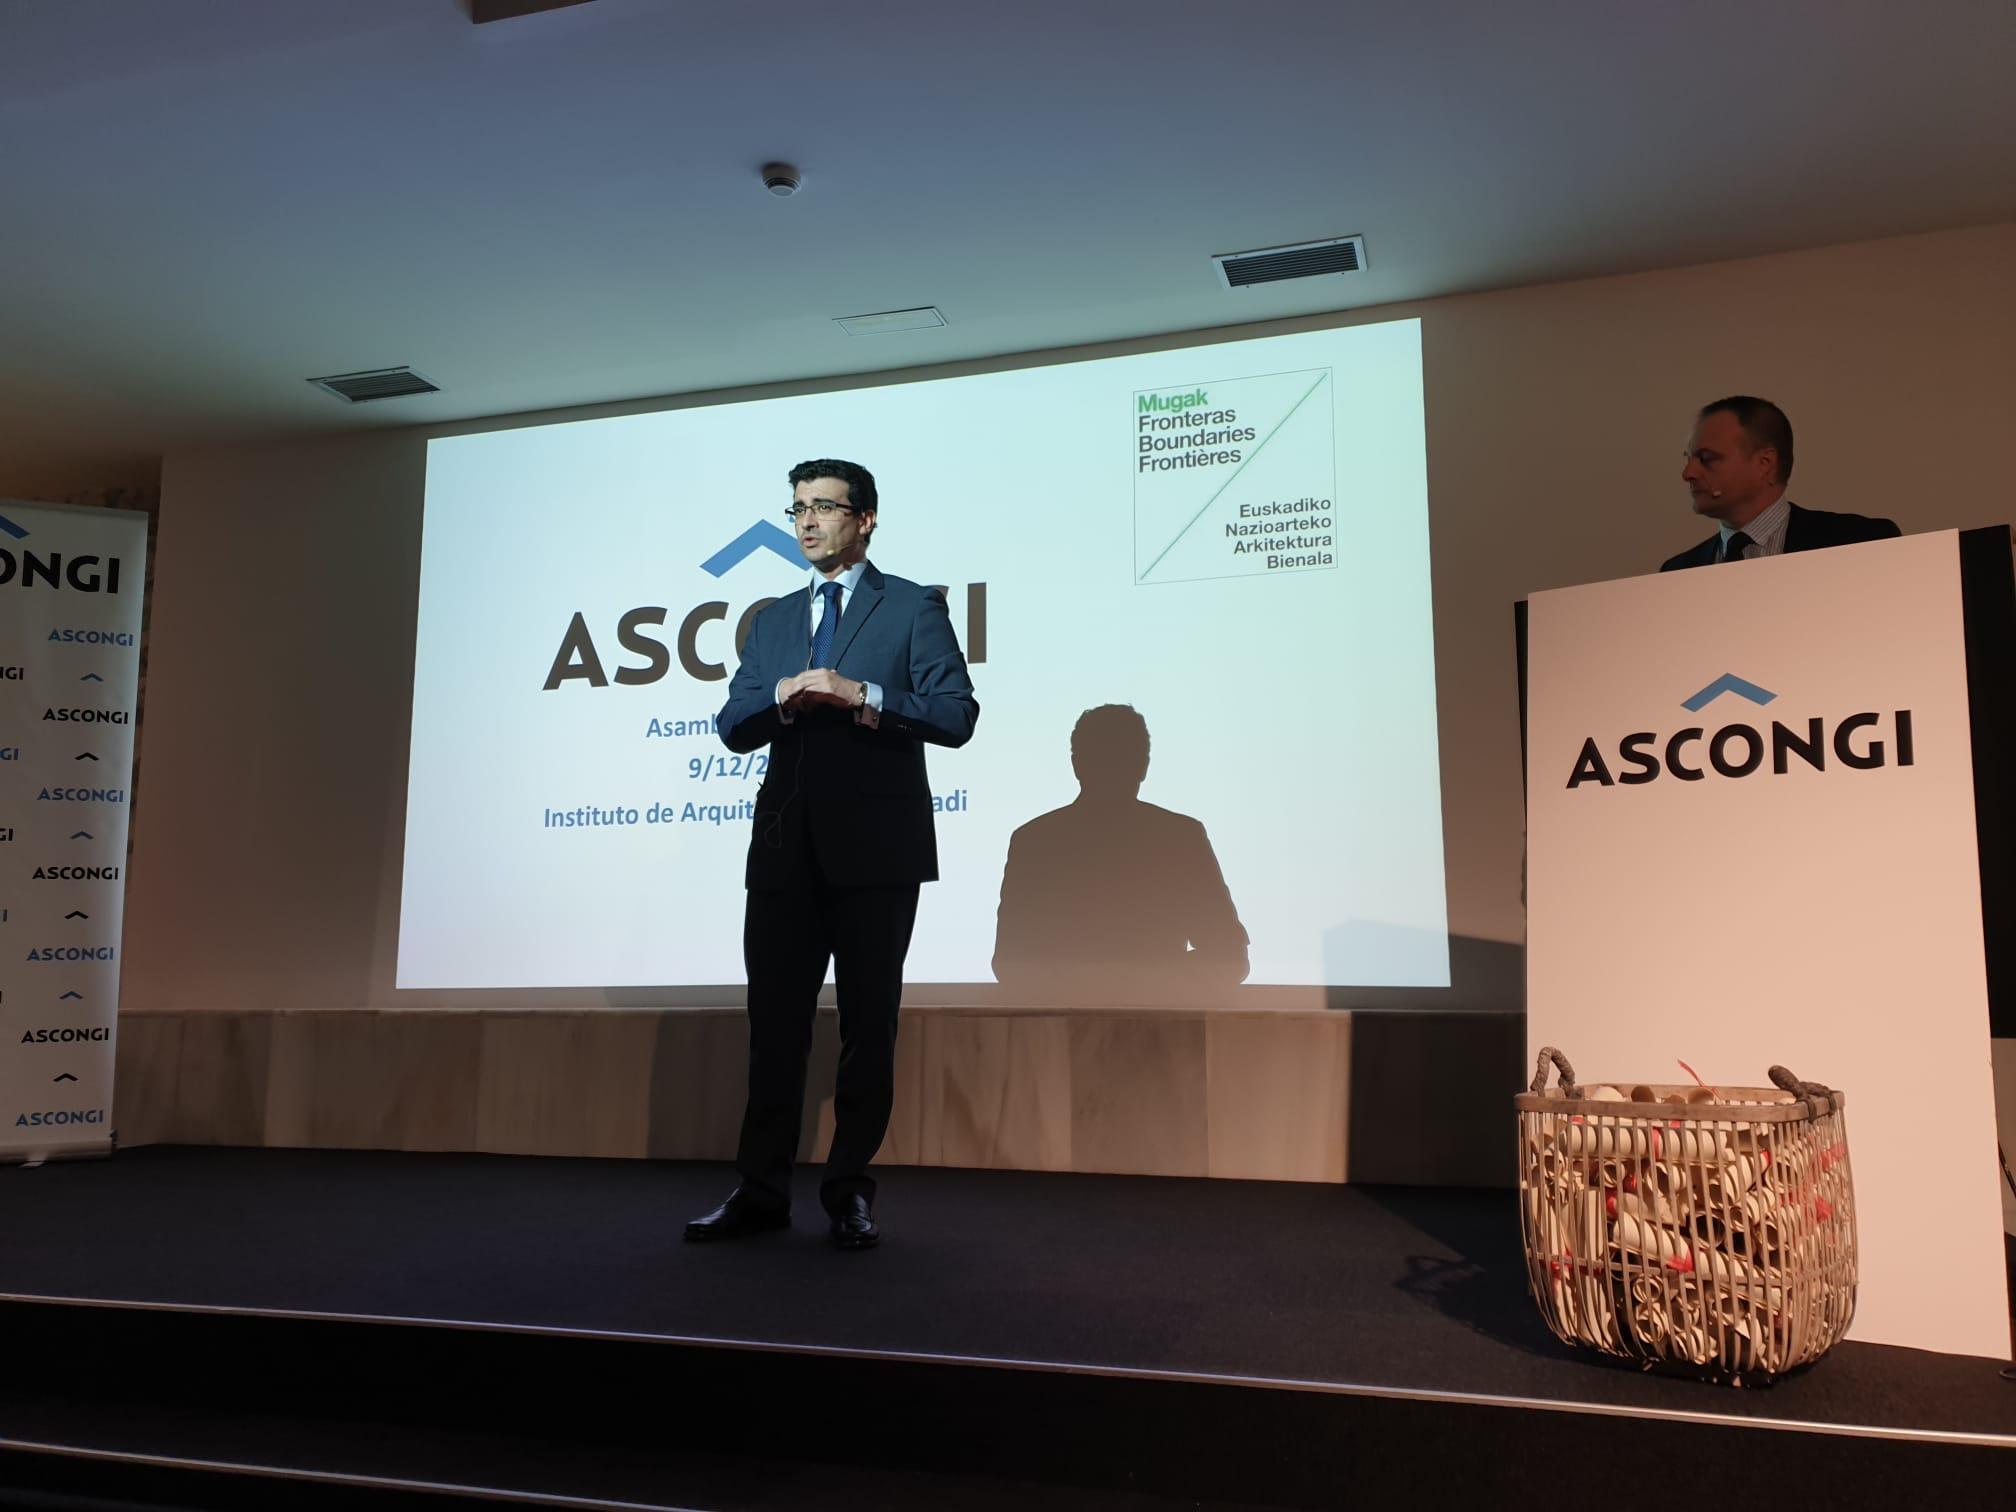 foto noticia: Un año más asistimos a la Asamblea General de ASCONGI